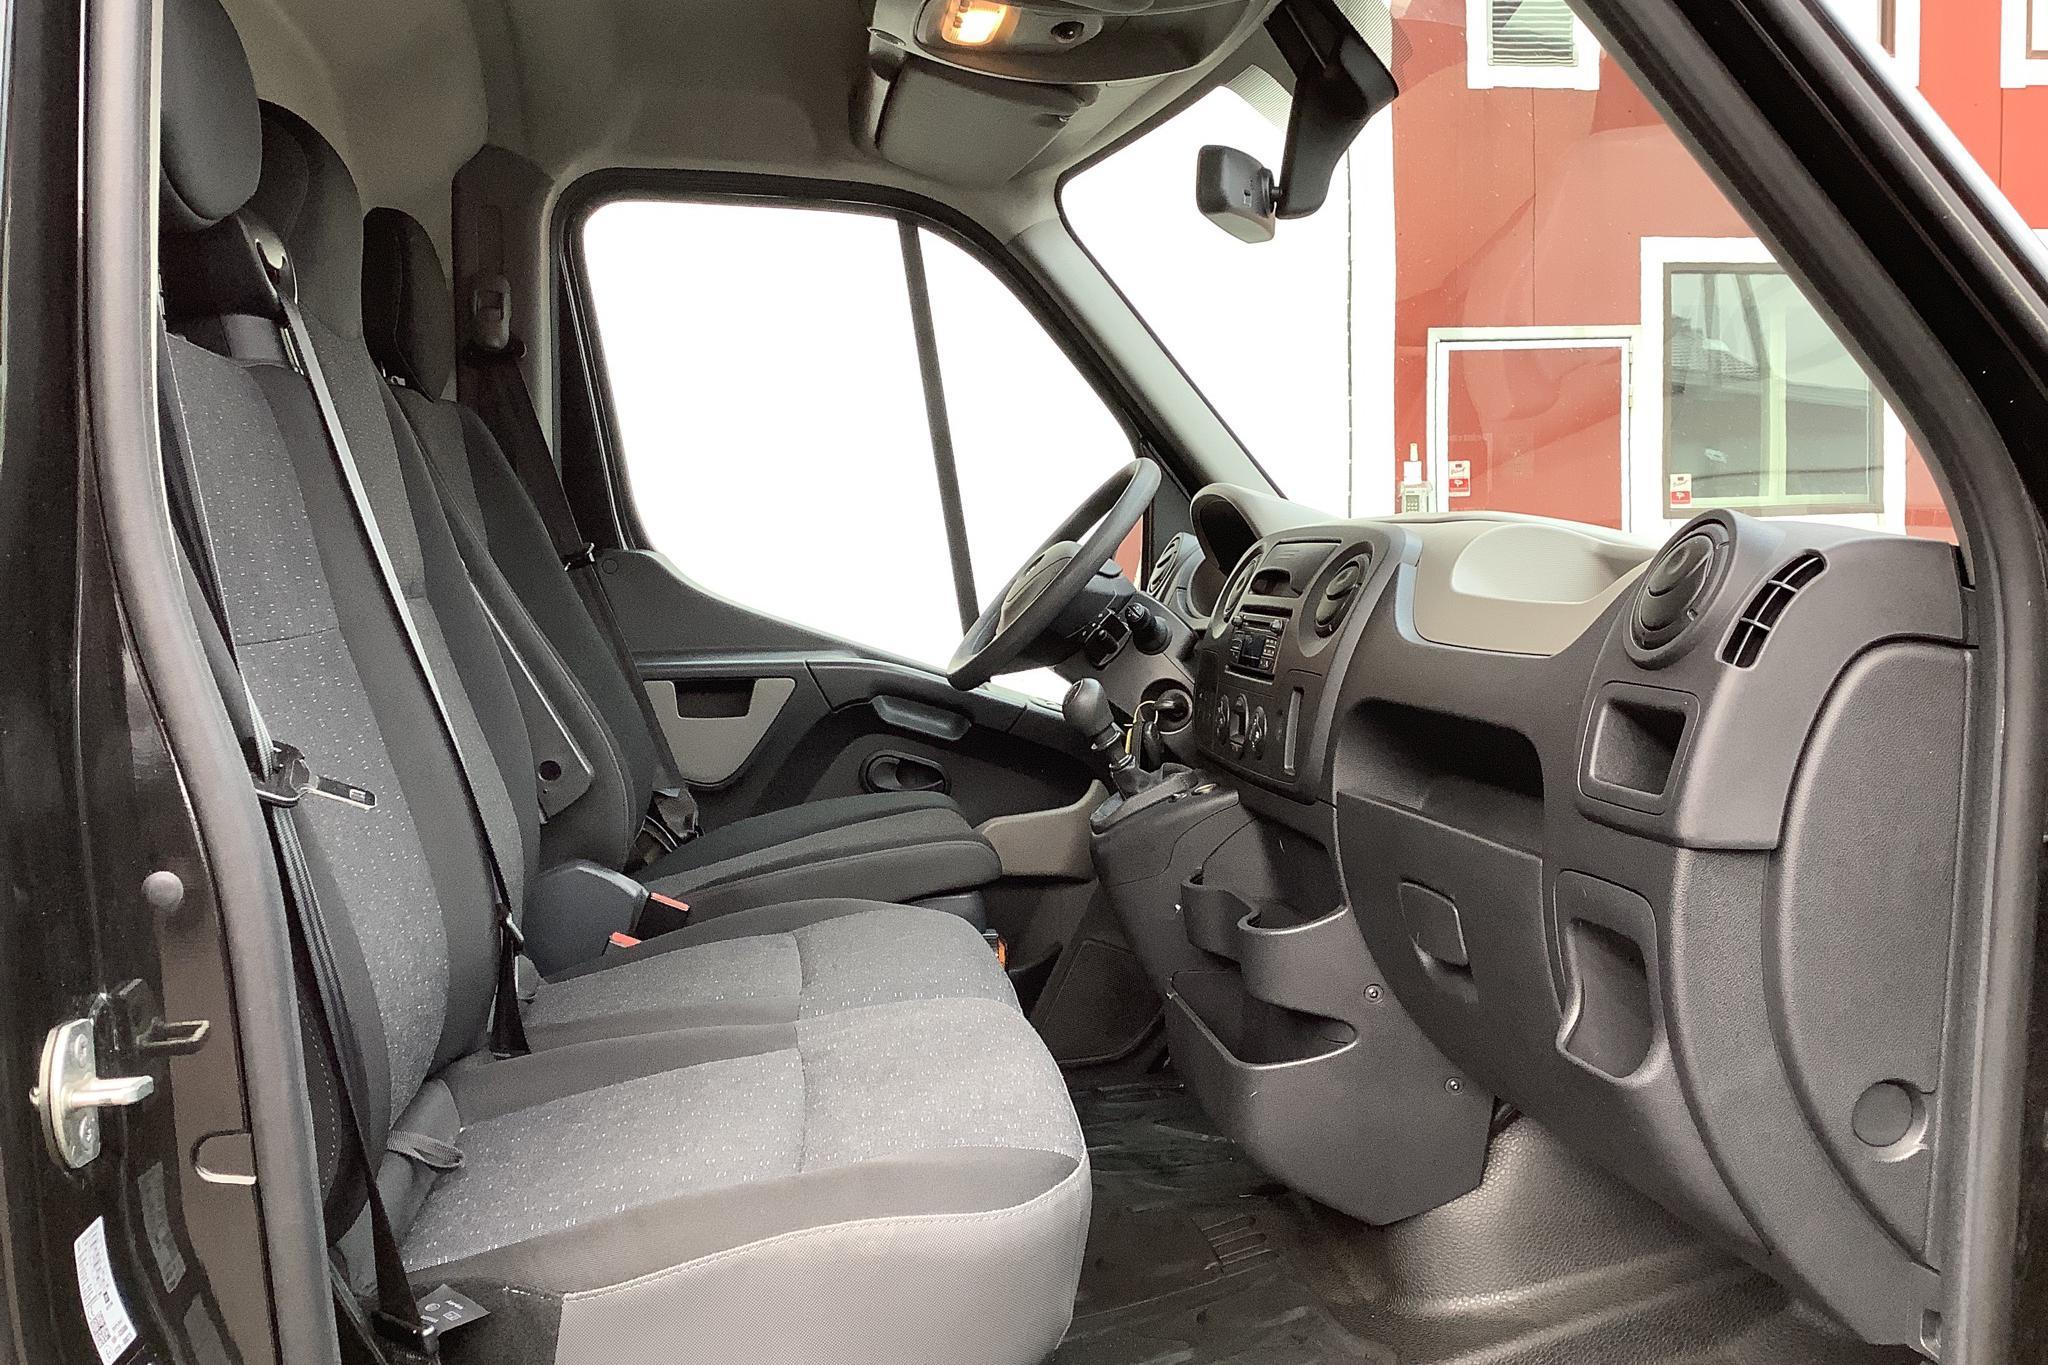 Opel Movano 2.3 CDTI 2WD Skåp (145hk) - 12 175 mil - Manuell - svart - 2017